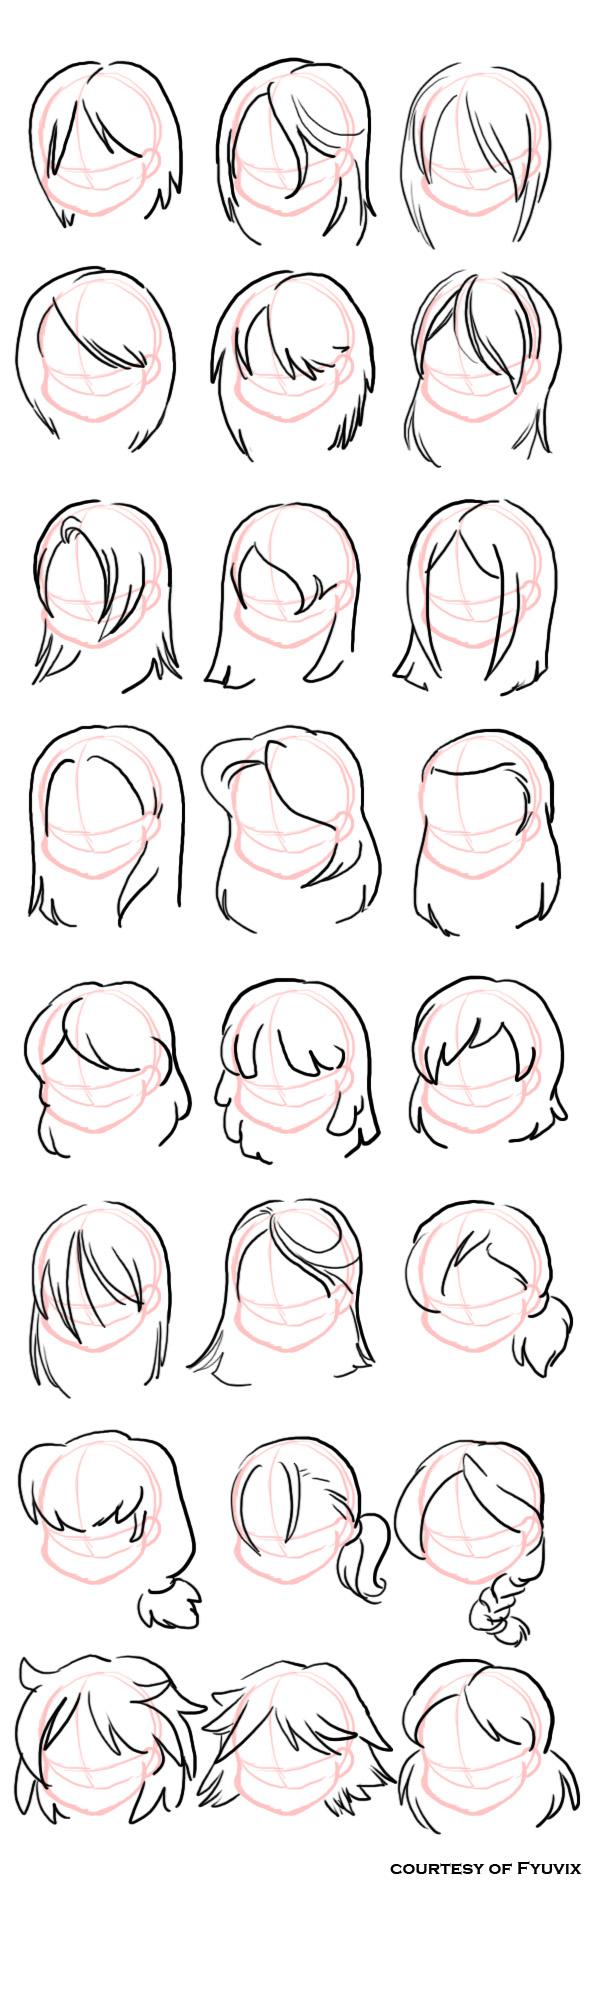 Как рисовать прически с прямыми волосами: картинки примеры